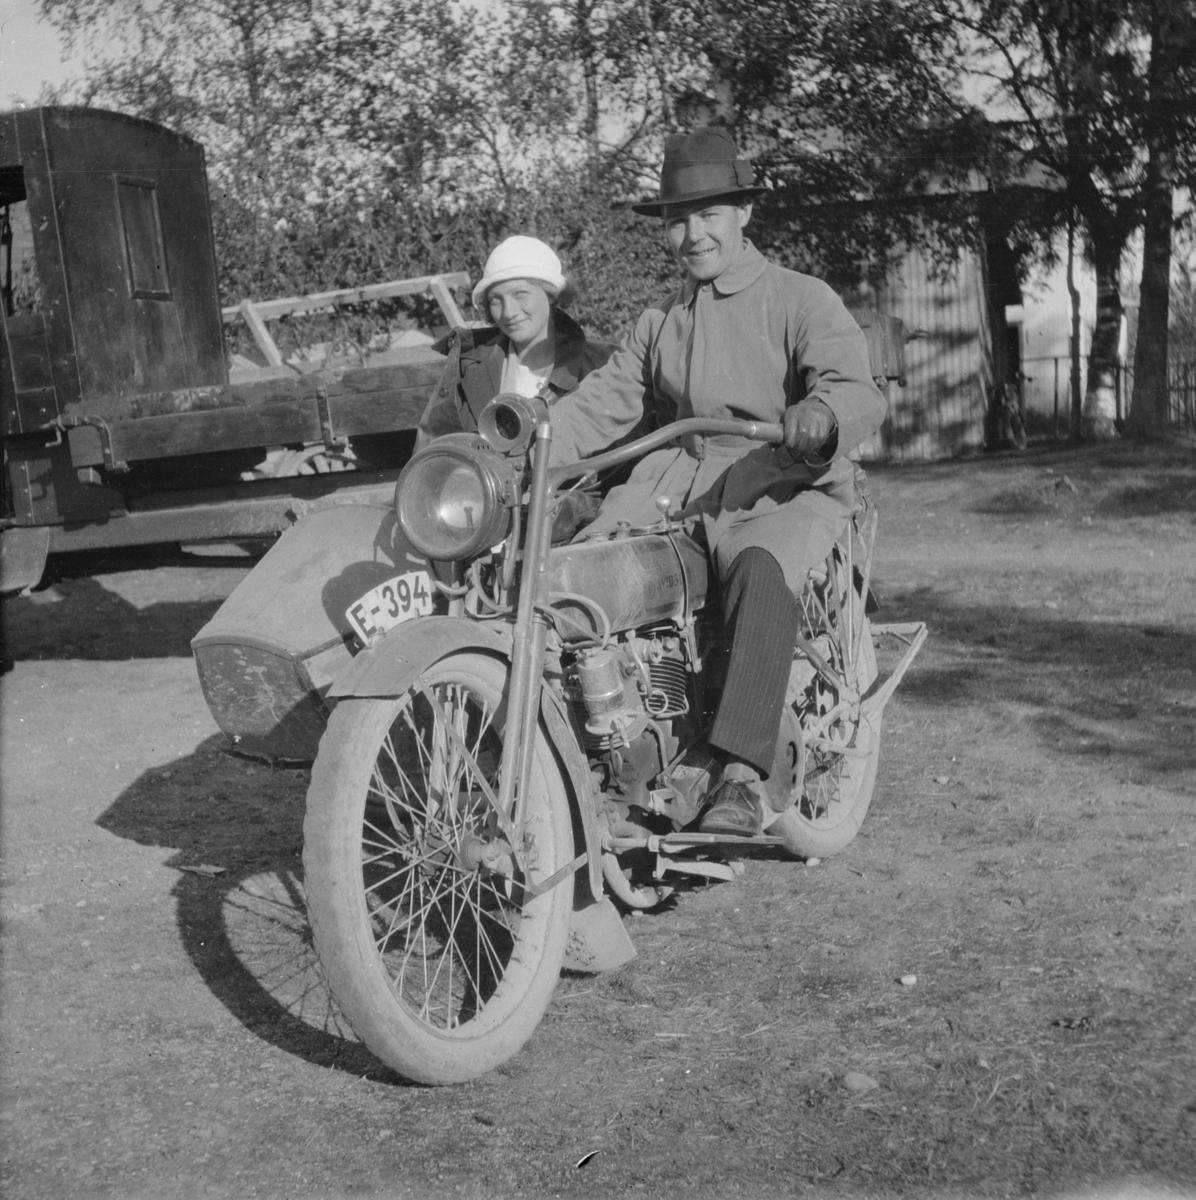 Kvinne og mann på motorsykkel med sidevogn.